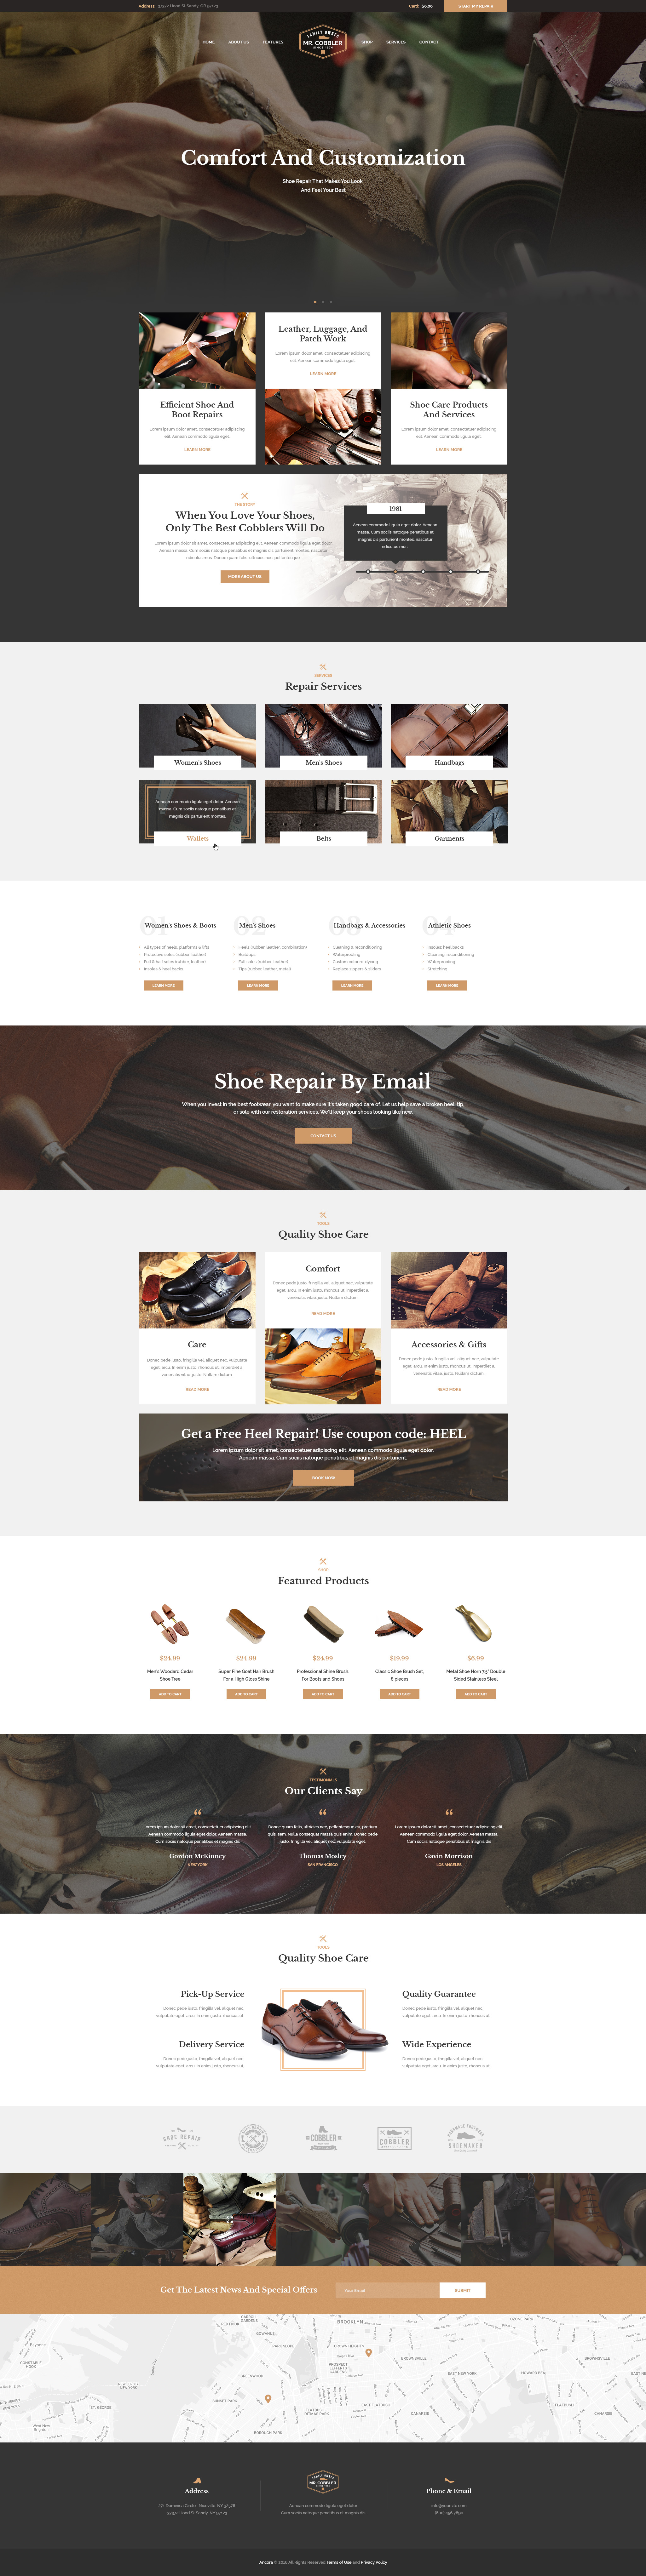 Mr. Cobbler | Custom Shoemaking